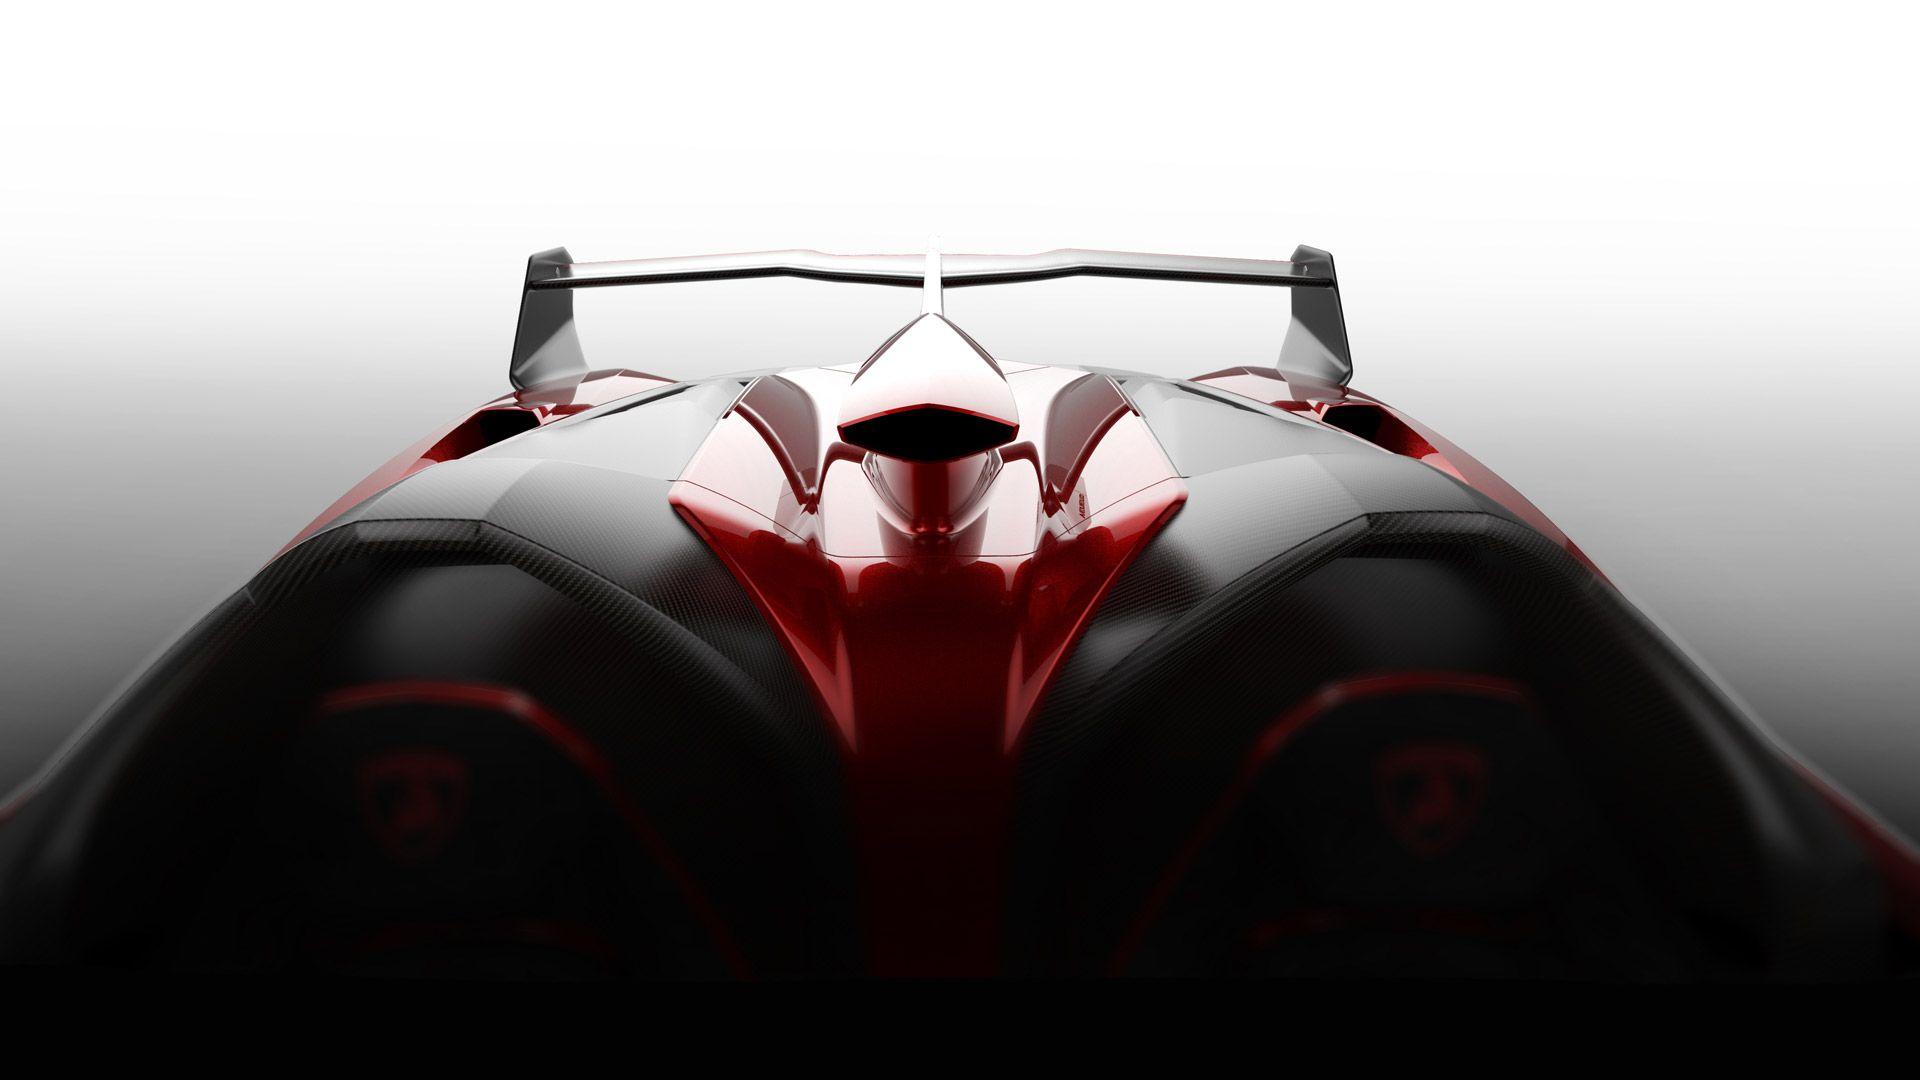 Design estremo e prestazioni mozzafiato per questo prototipo da corsa scoperto. Si tratta di una delle automobili più esclusive del mondo: non più di nove esemplari verranno realizzati nel 2014.